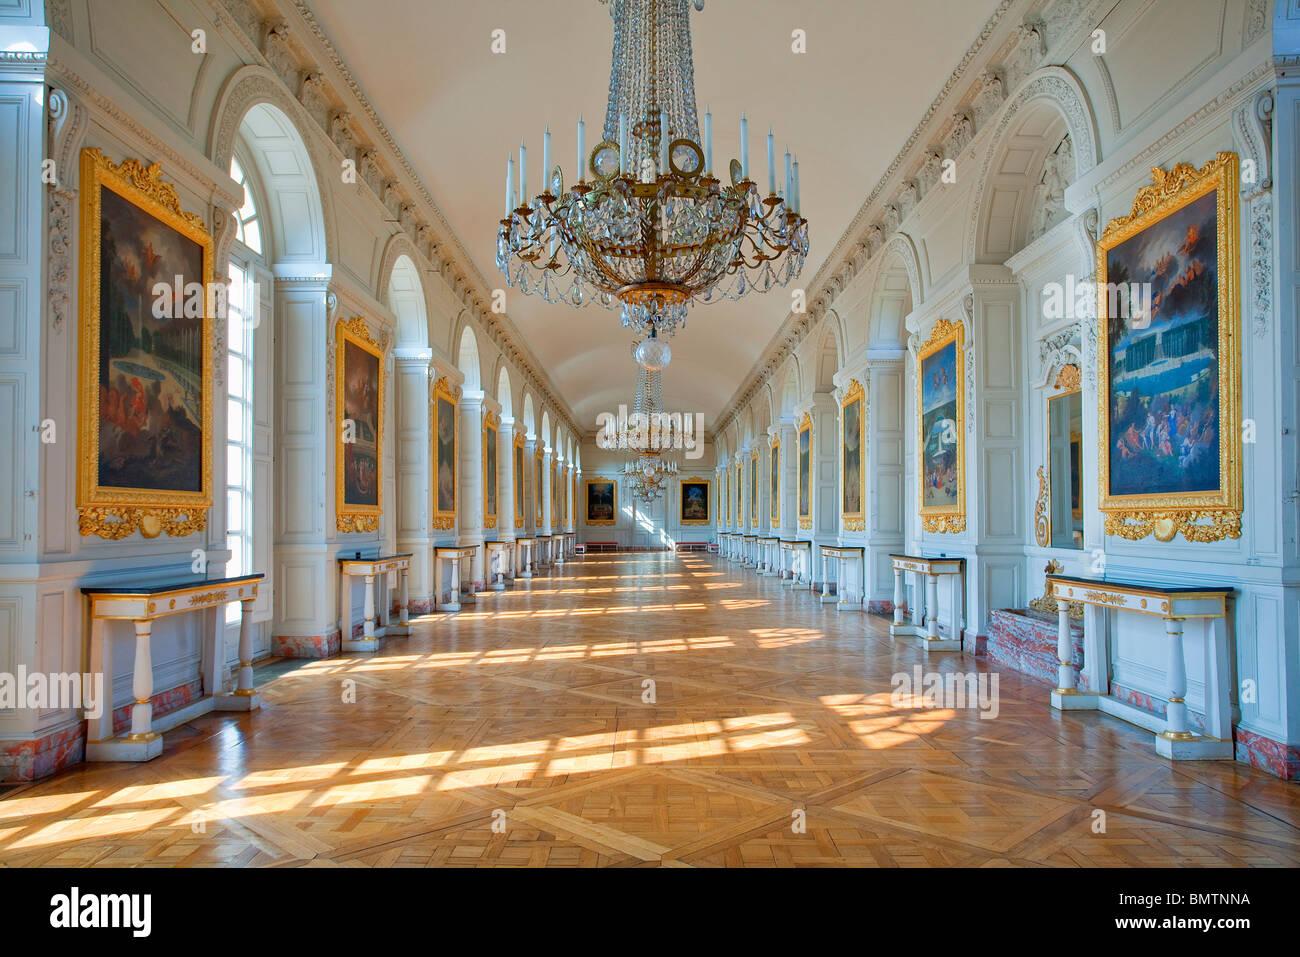 Chateau de versailles the grand trianon galerie des cotelle stock photo 30047398 alamy - Photo chateau de versailles ...